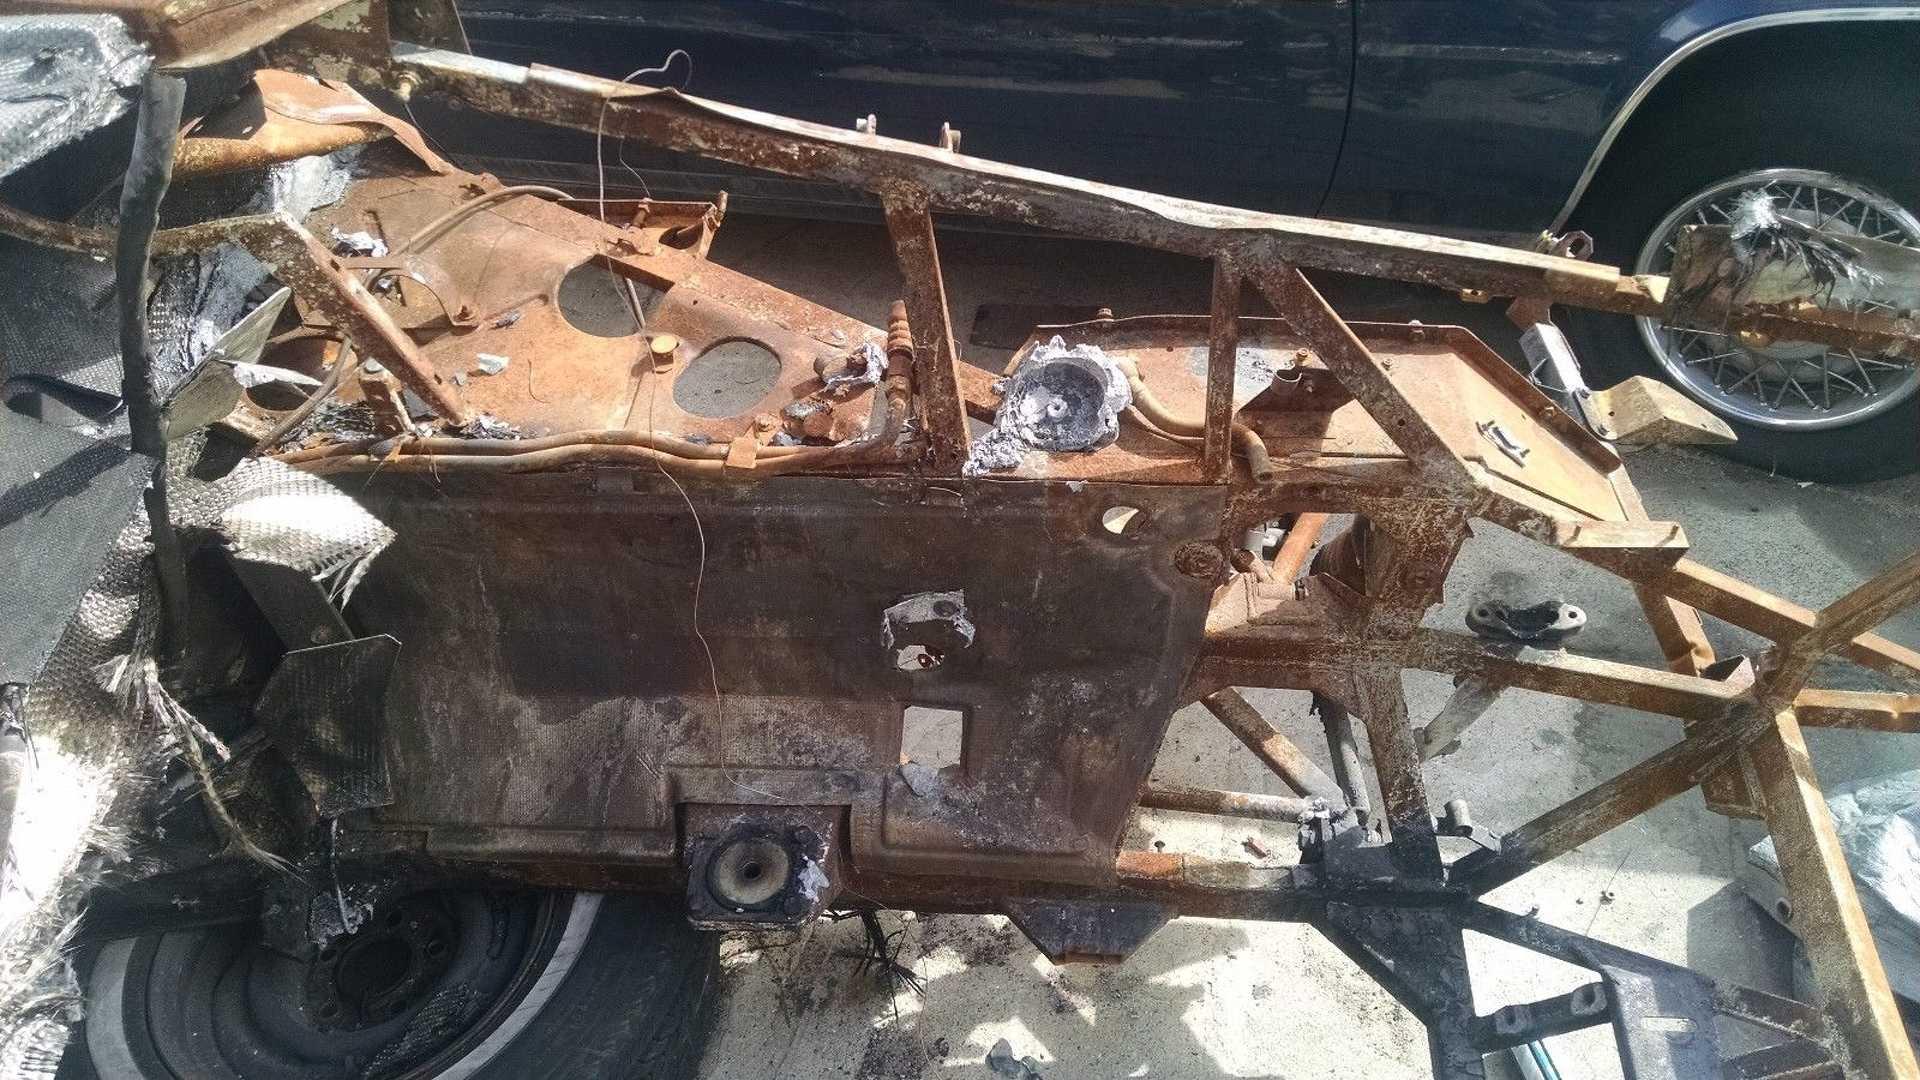 Lamborghini_Murcielago_destroyed_by_fire_04